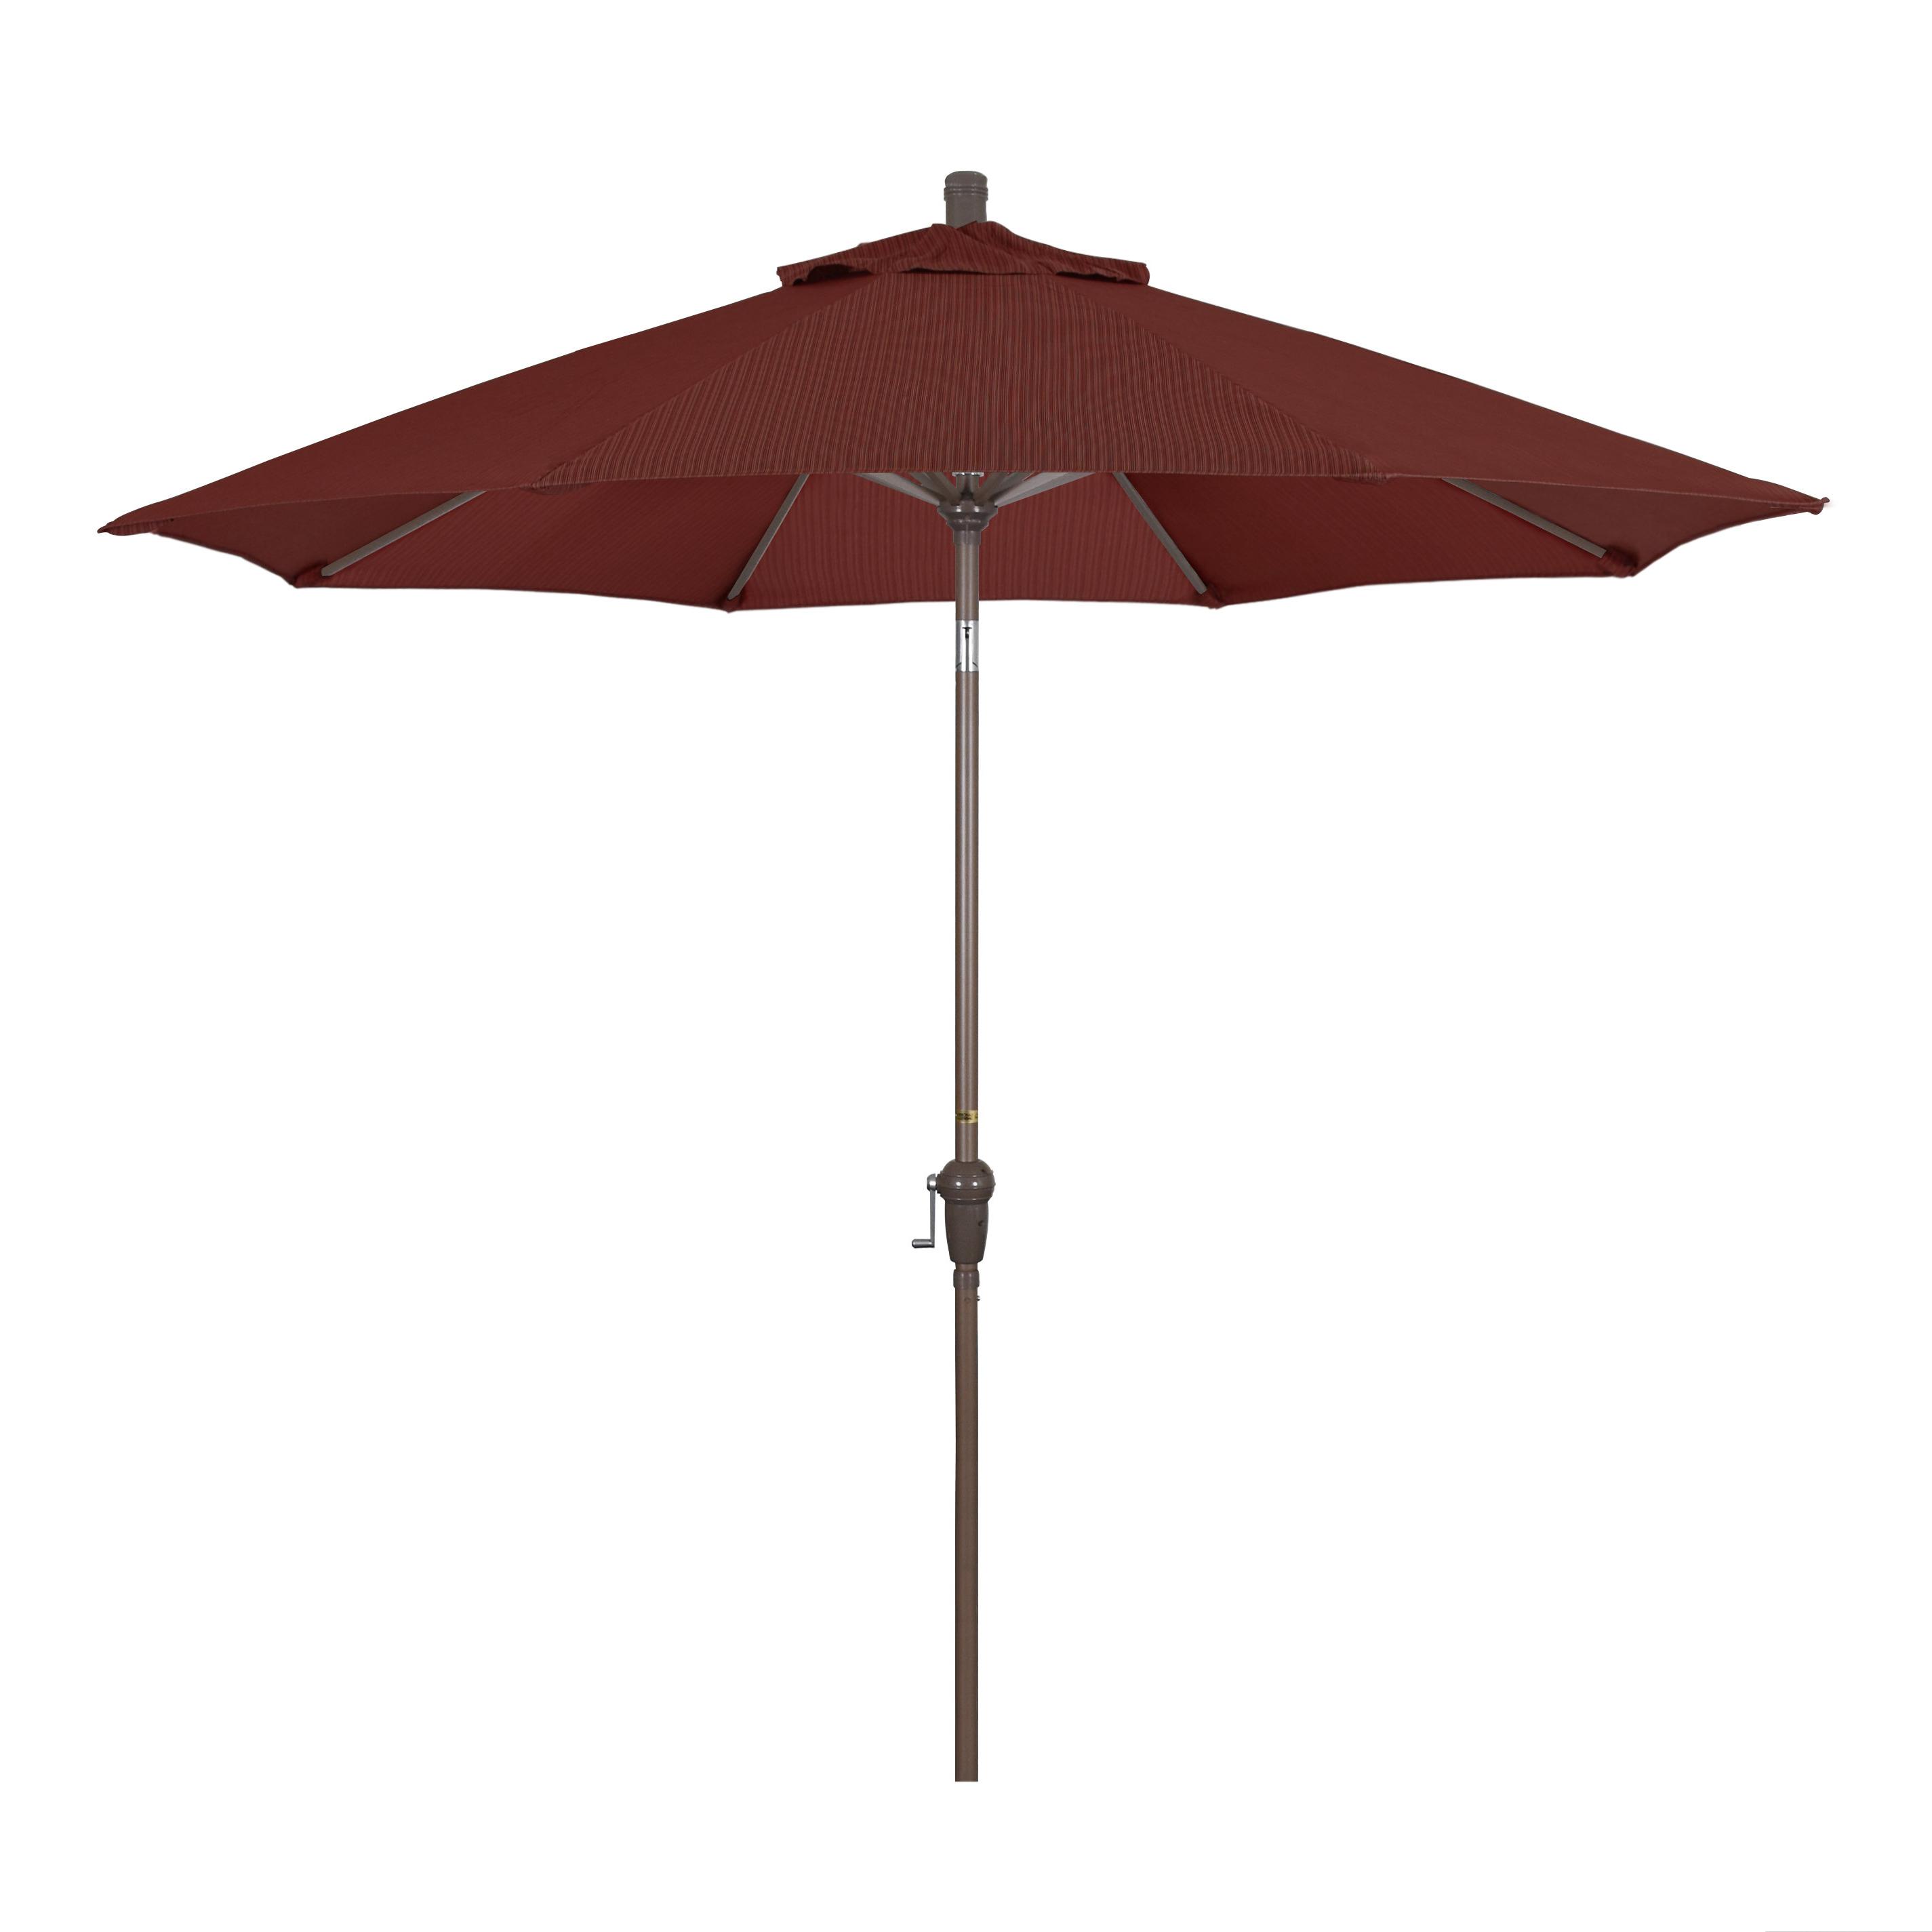 Popular Mullaney 9' Market Umbrella Intended For Mullaney Market Sunbrella Umbrellas (View 3 of 20)